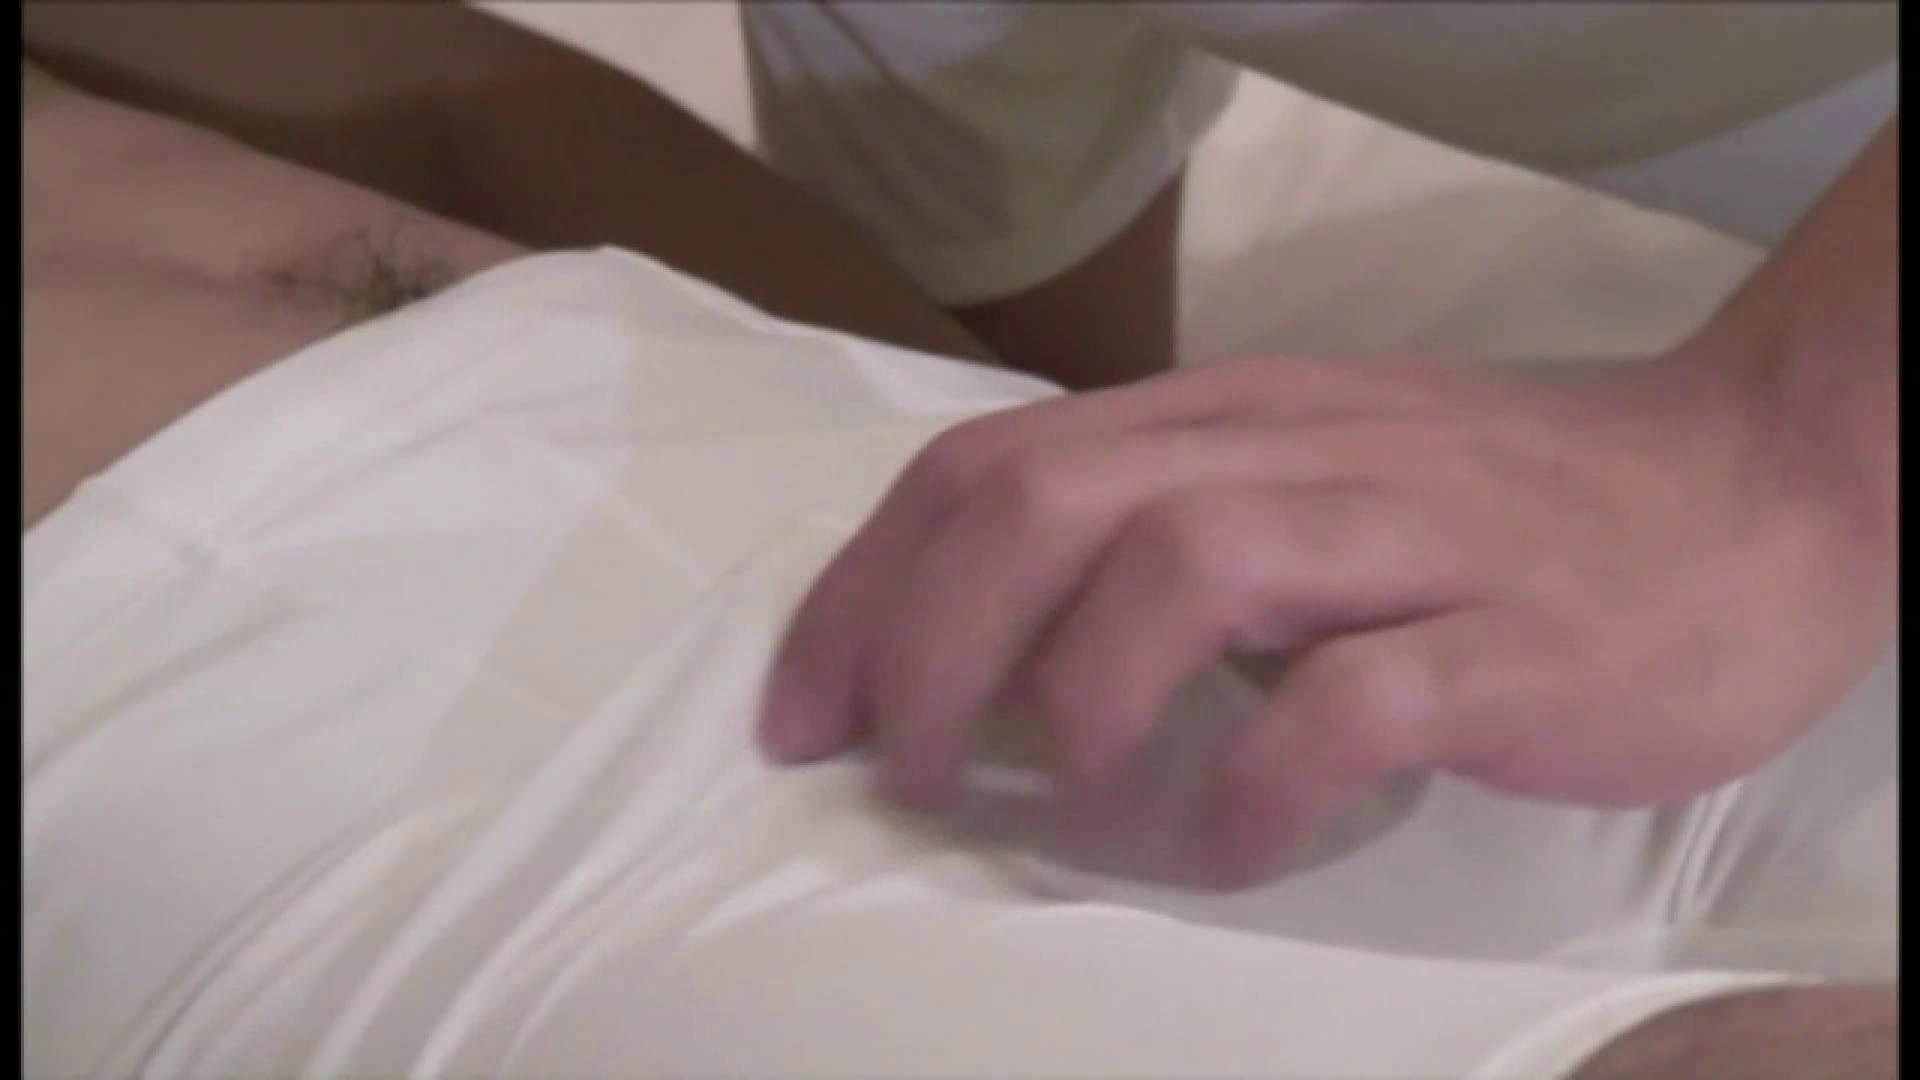 ノンケイケメンの欲望と肉棒 Vol.24 ノンケ ゲイモロ見え画像 84連発 24